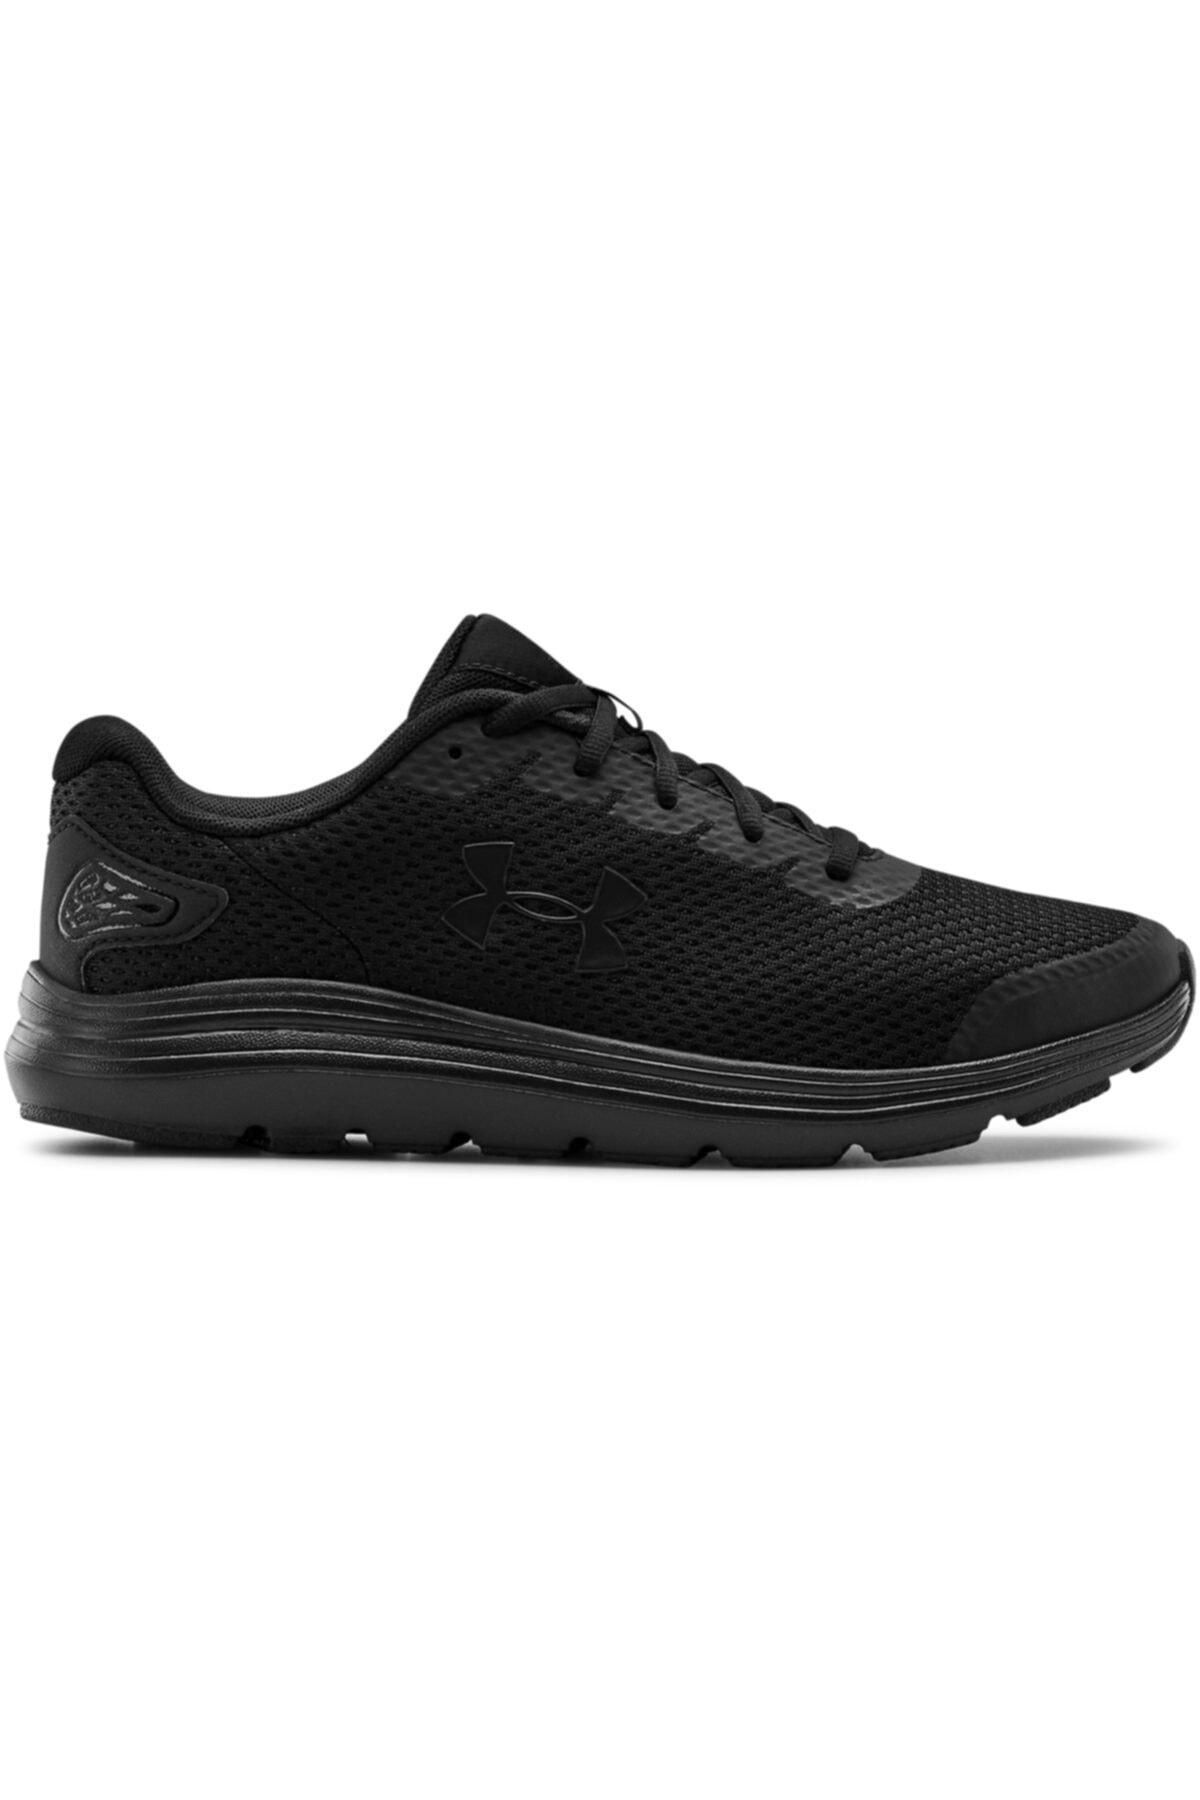 Erkek Koşu & Antrenman Ayakkabısı - Ua Surge 2 - 3022595-002